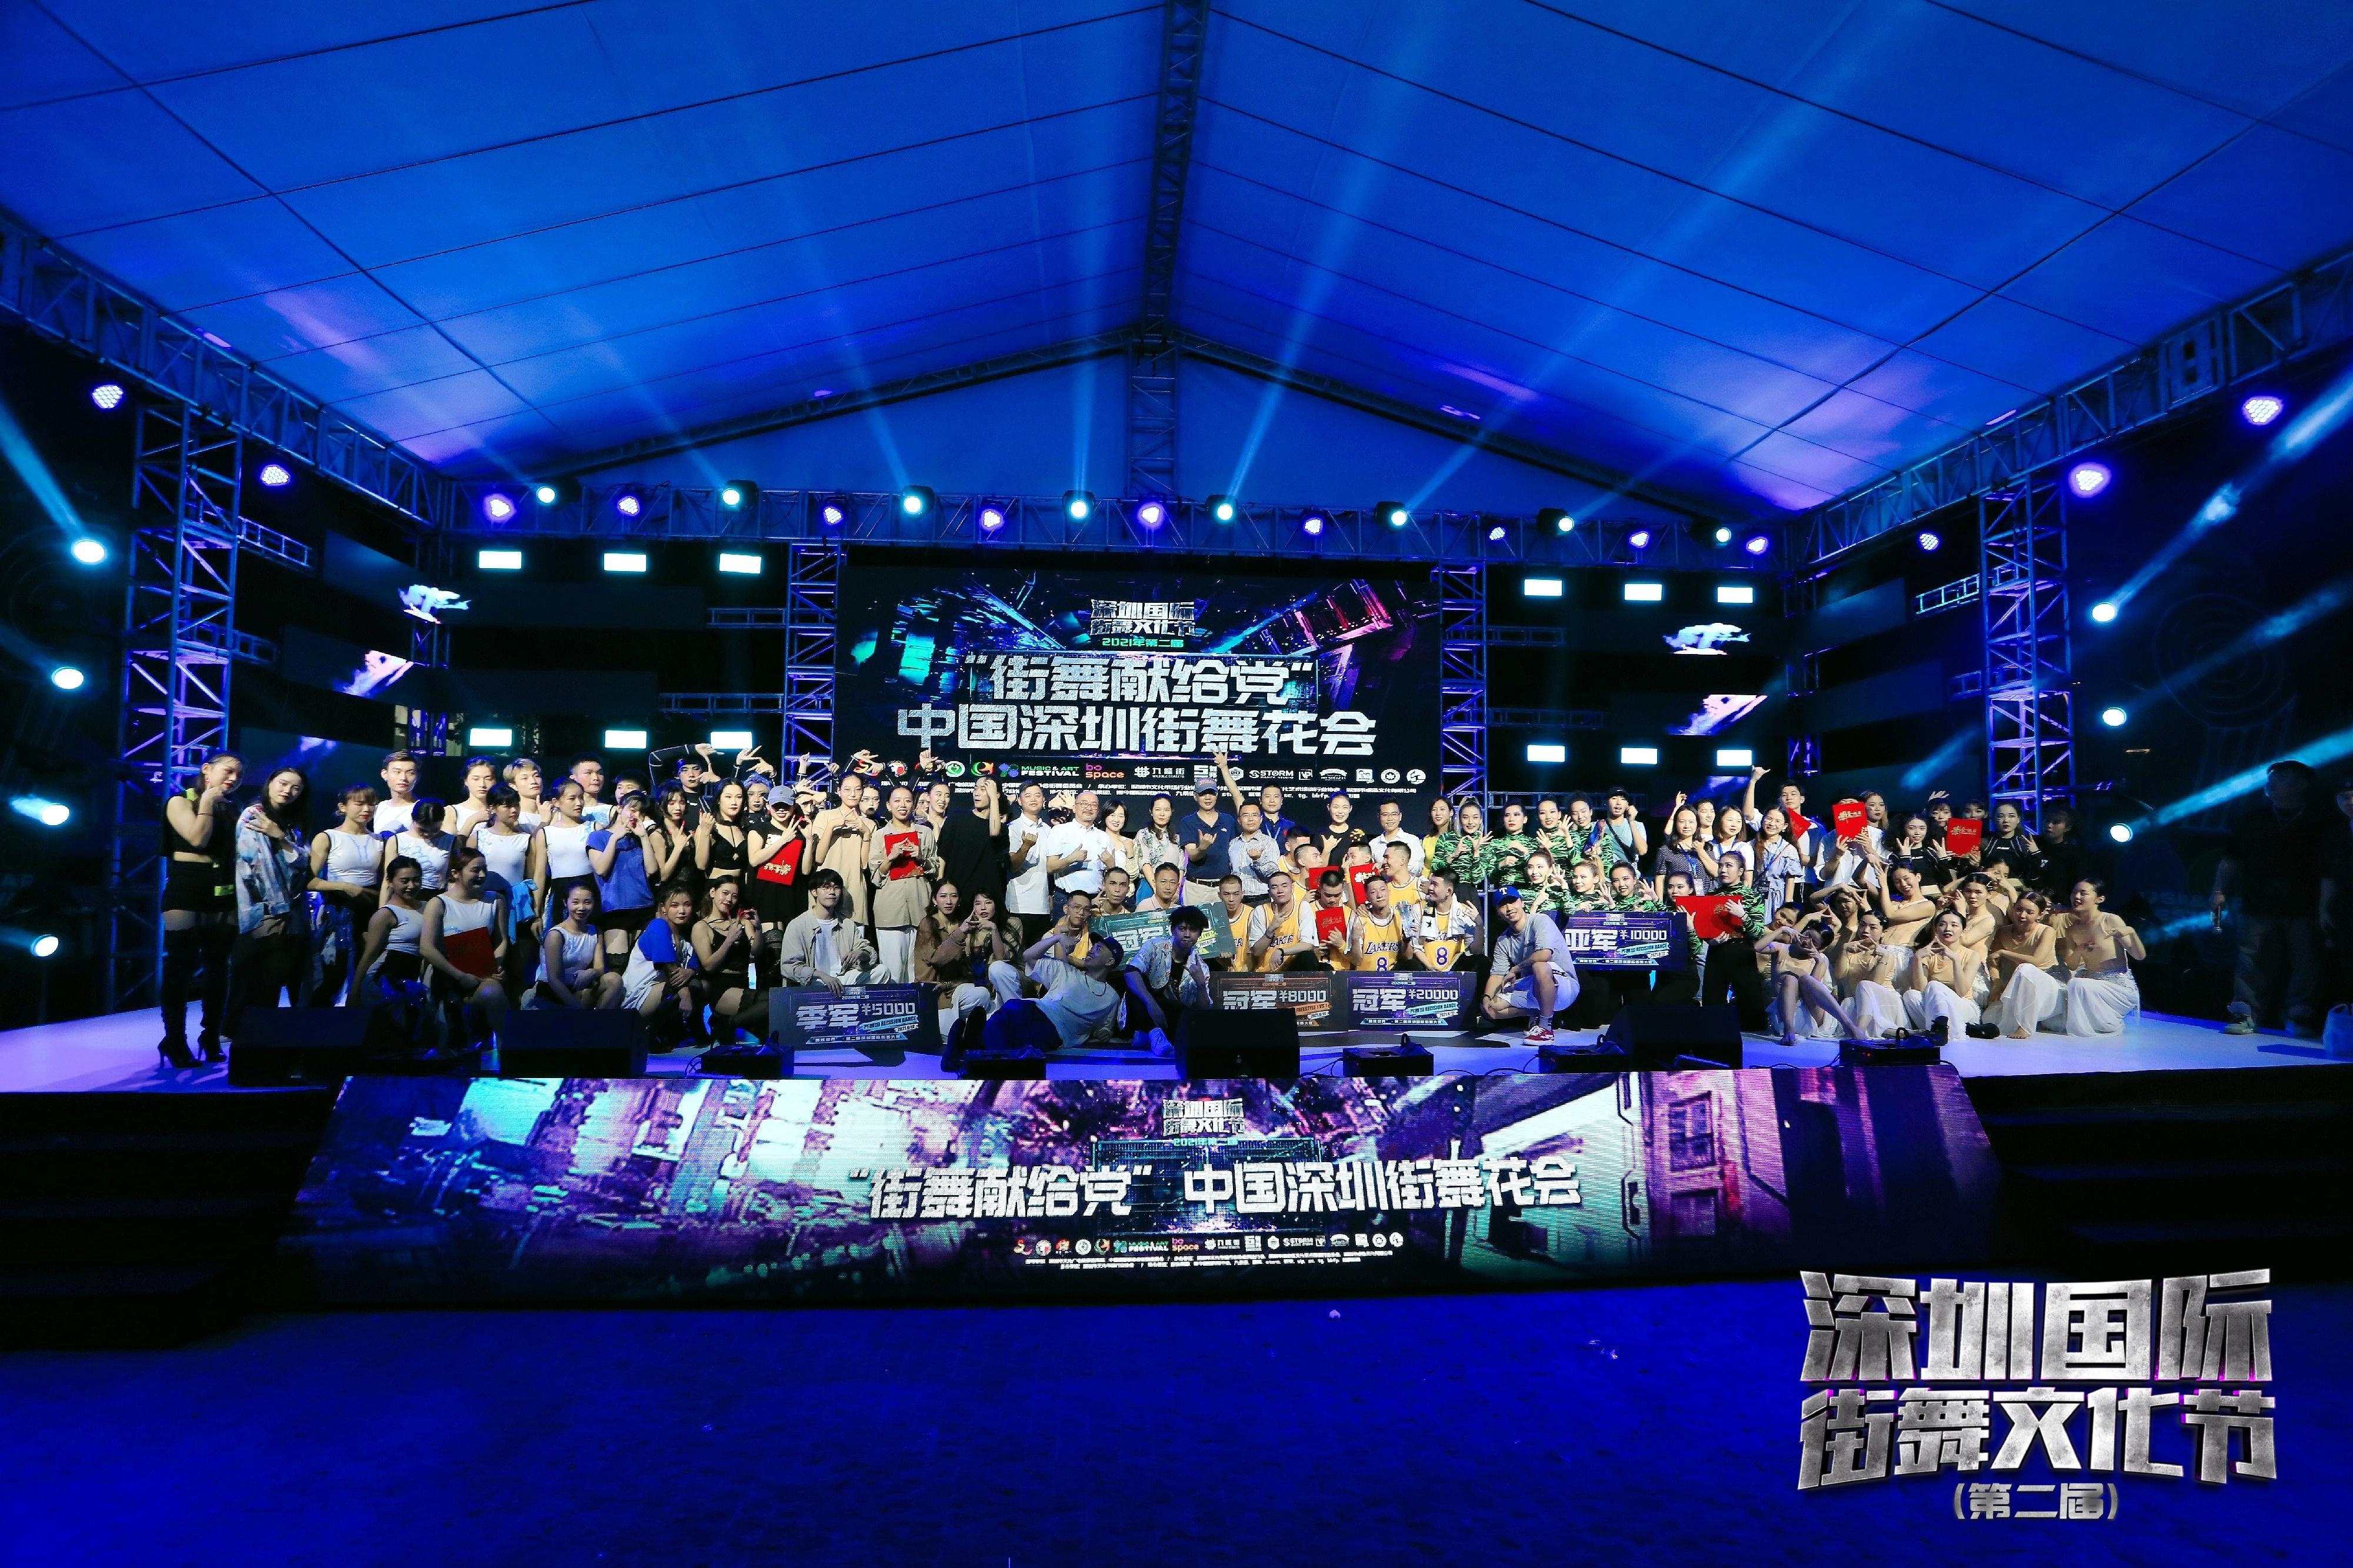 这,就是深圳街舞!第二届深圳国际街舞大赛炫舞鹏城